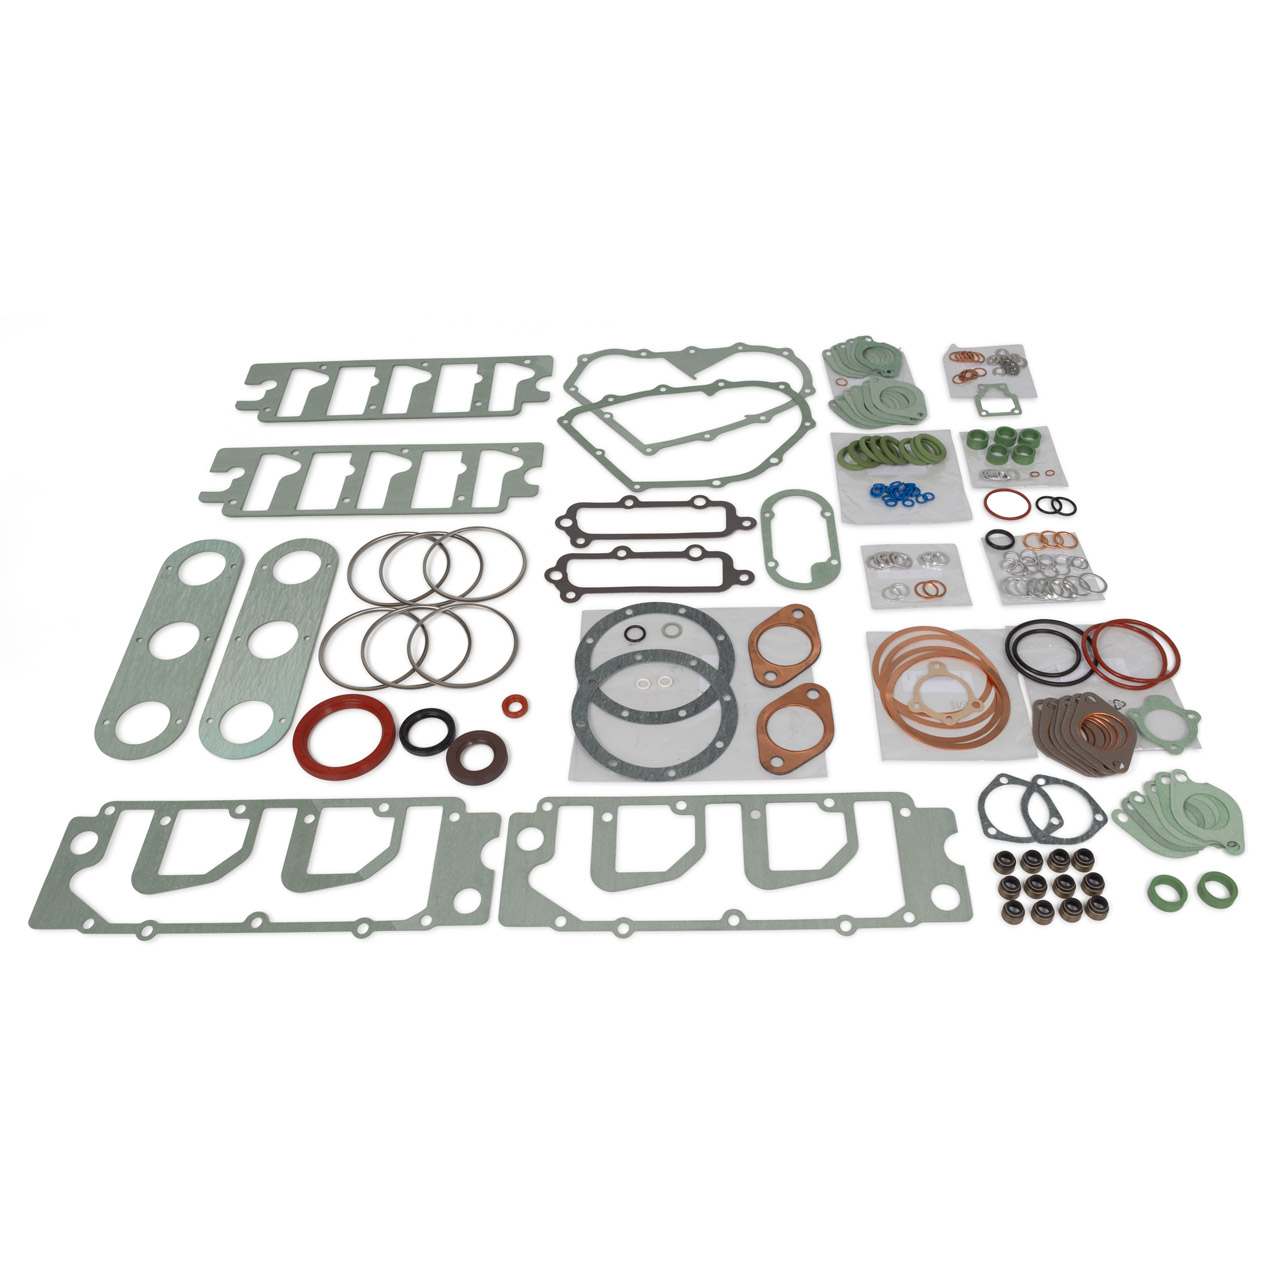 REINZ 01-23405-05 Motordichtungssatz für PORSCHE 911 2.2/2.3 E / S 91110090500